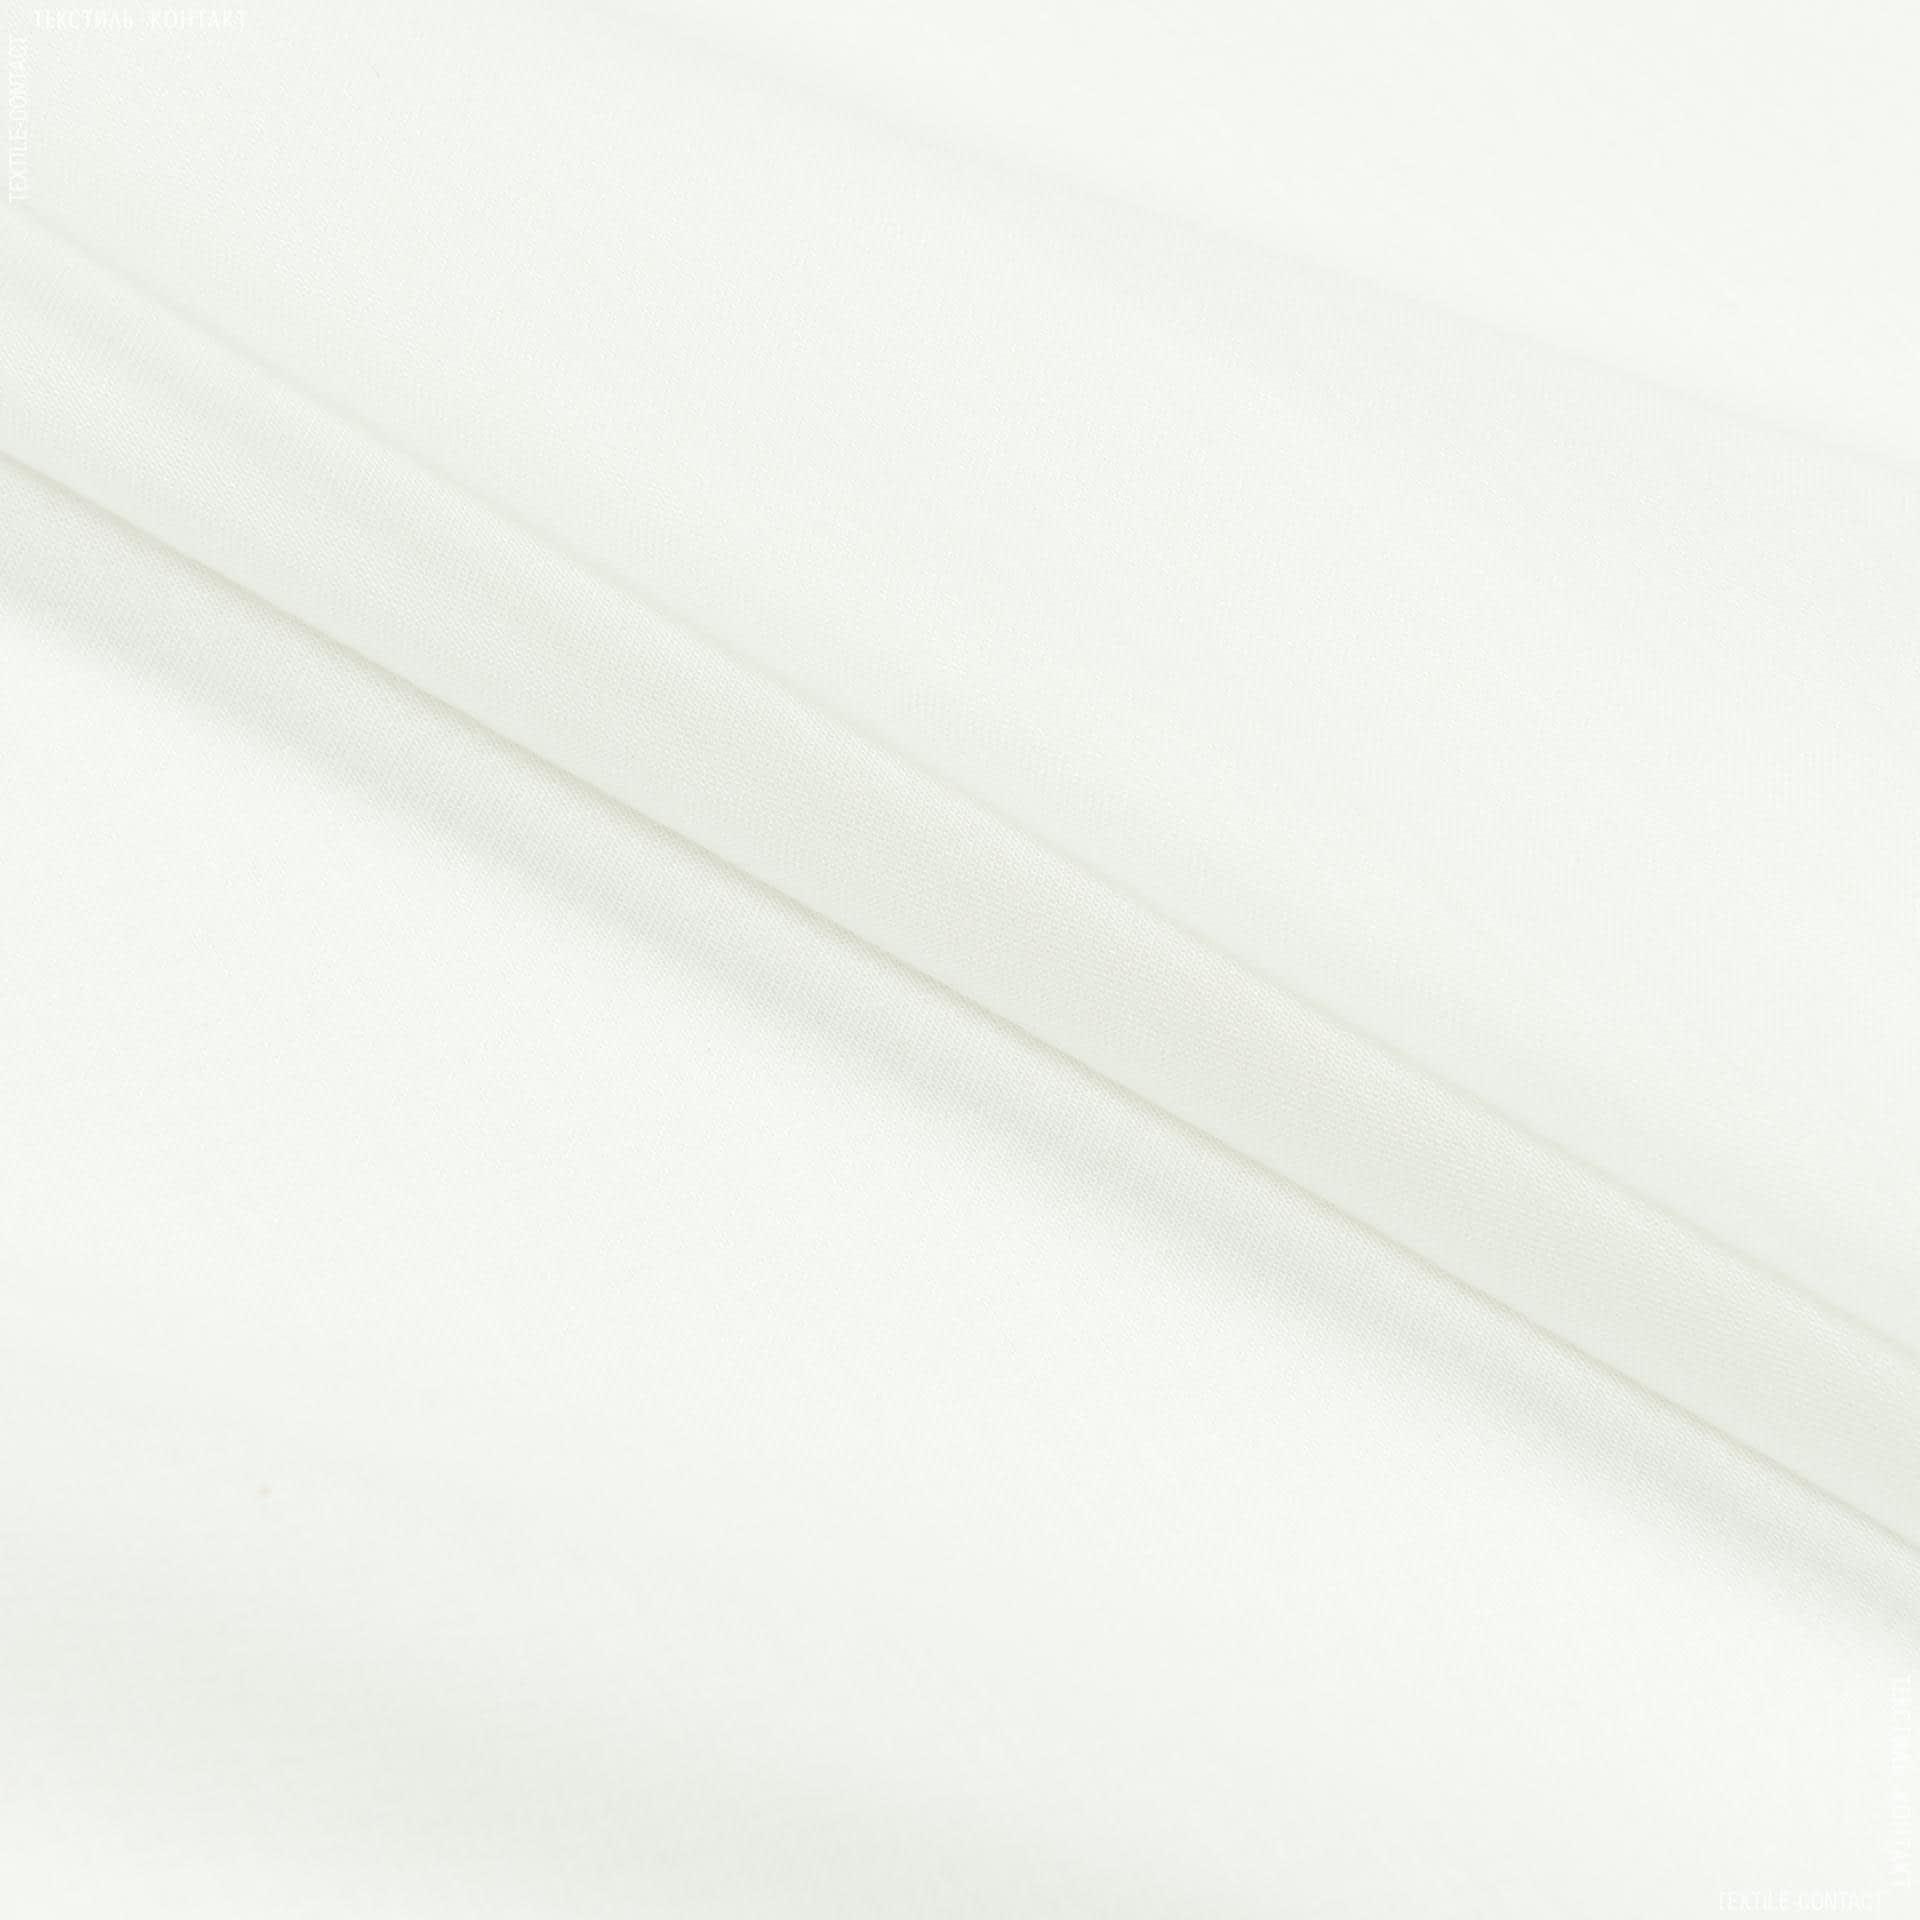 Тканини для драпірування стін і стель - Тюль батист гавана з обважнювачем молочний